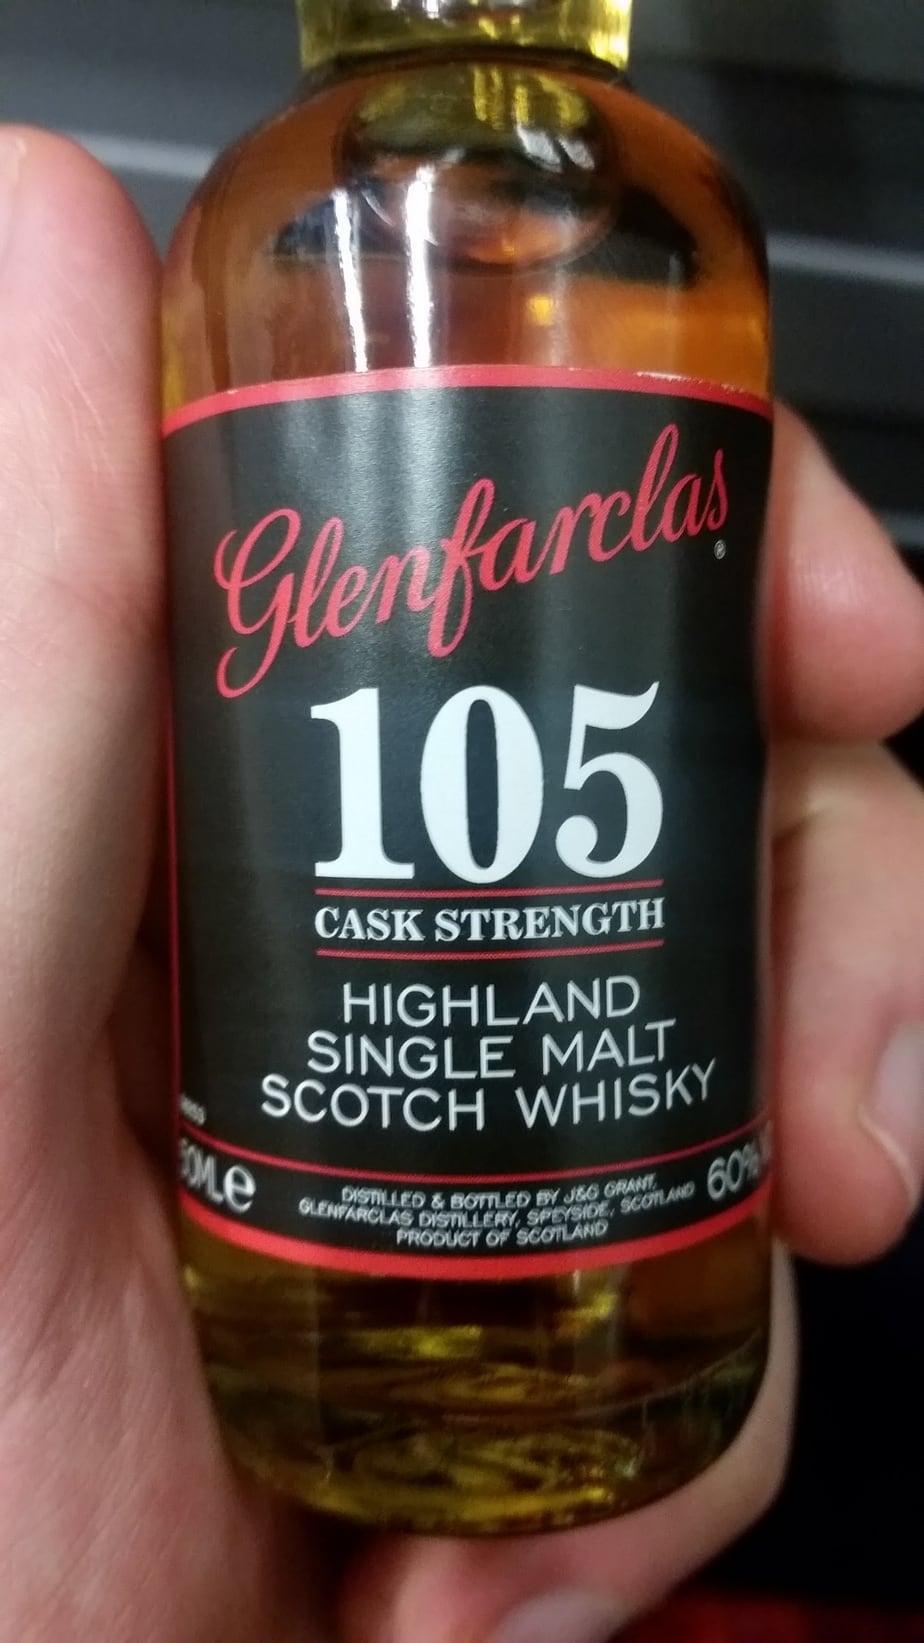 A mini bottle of Glenfarclas 105 Cask Strength in a hand